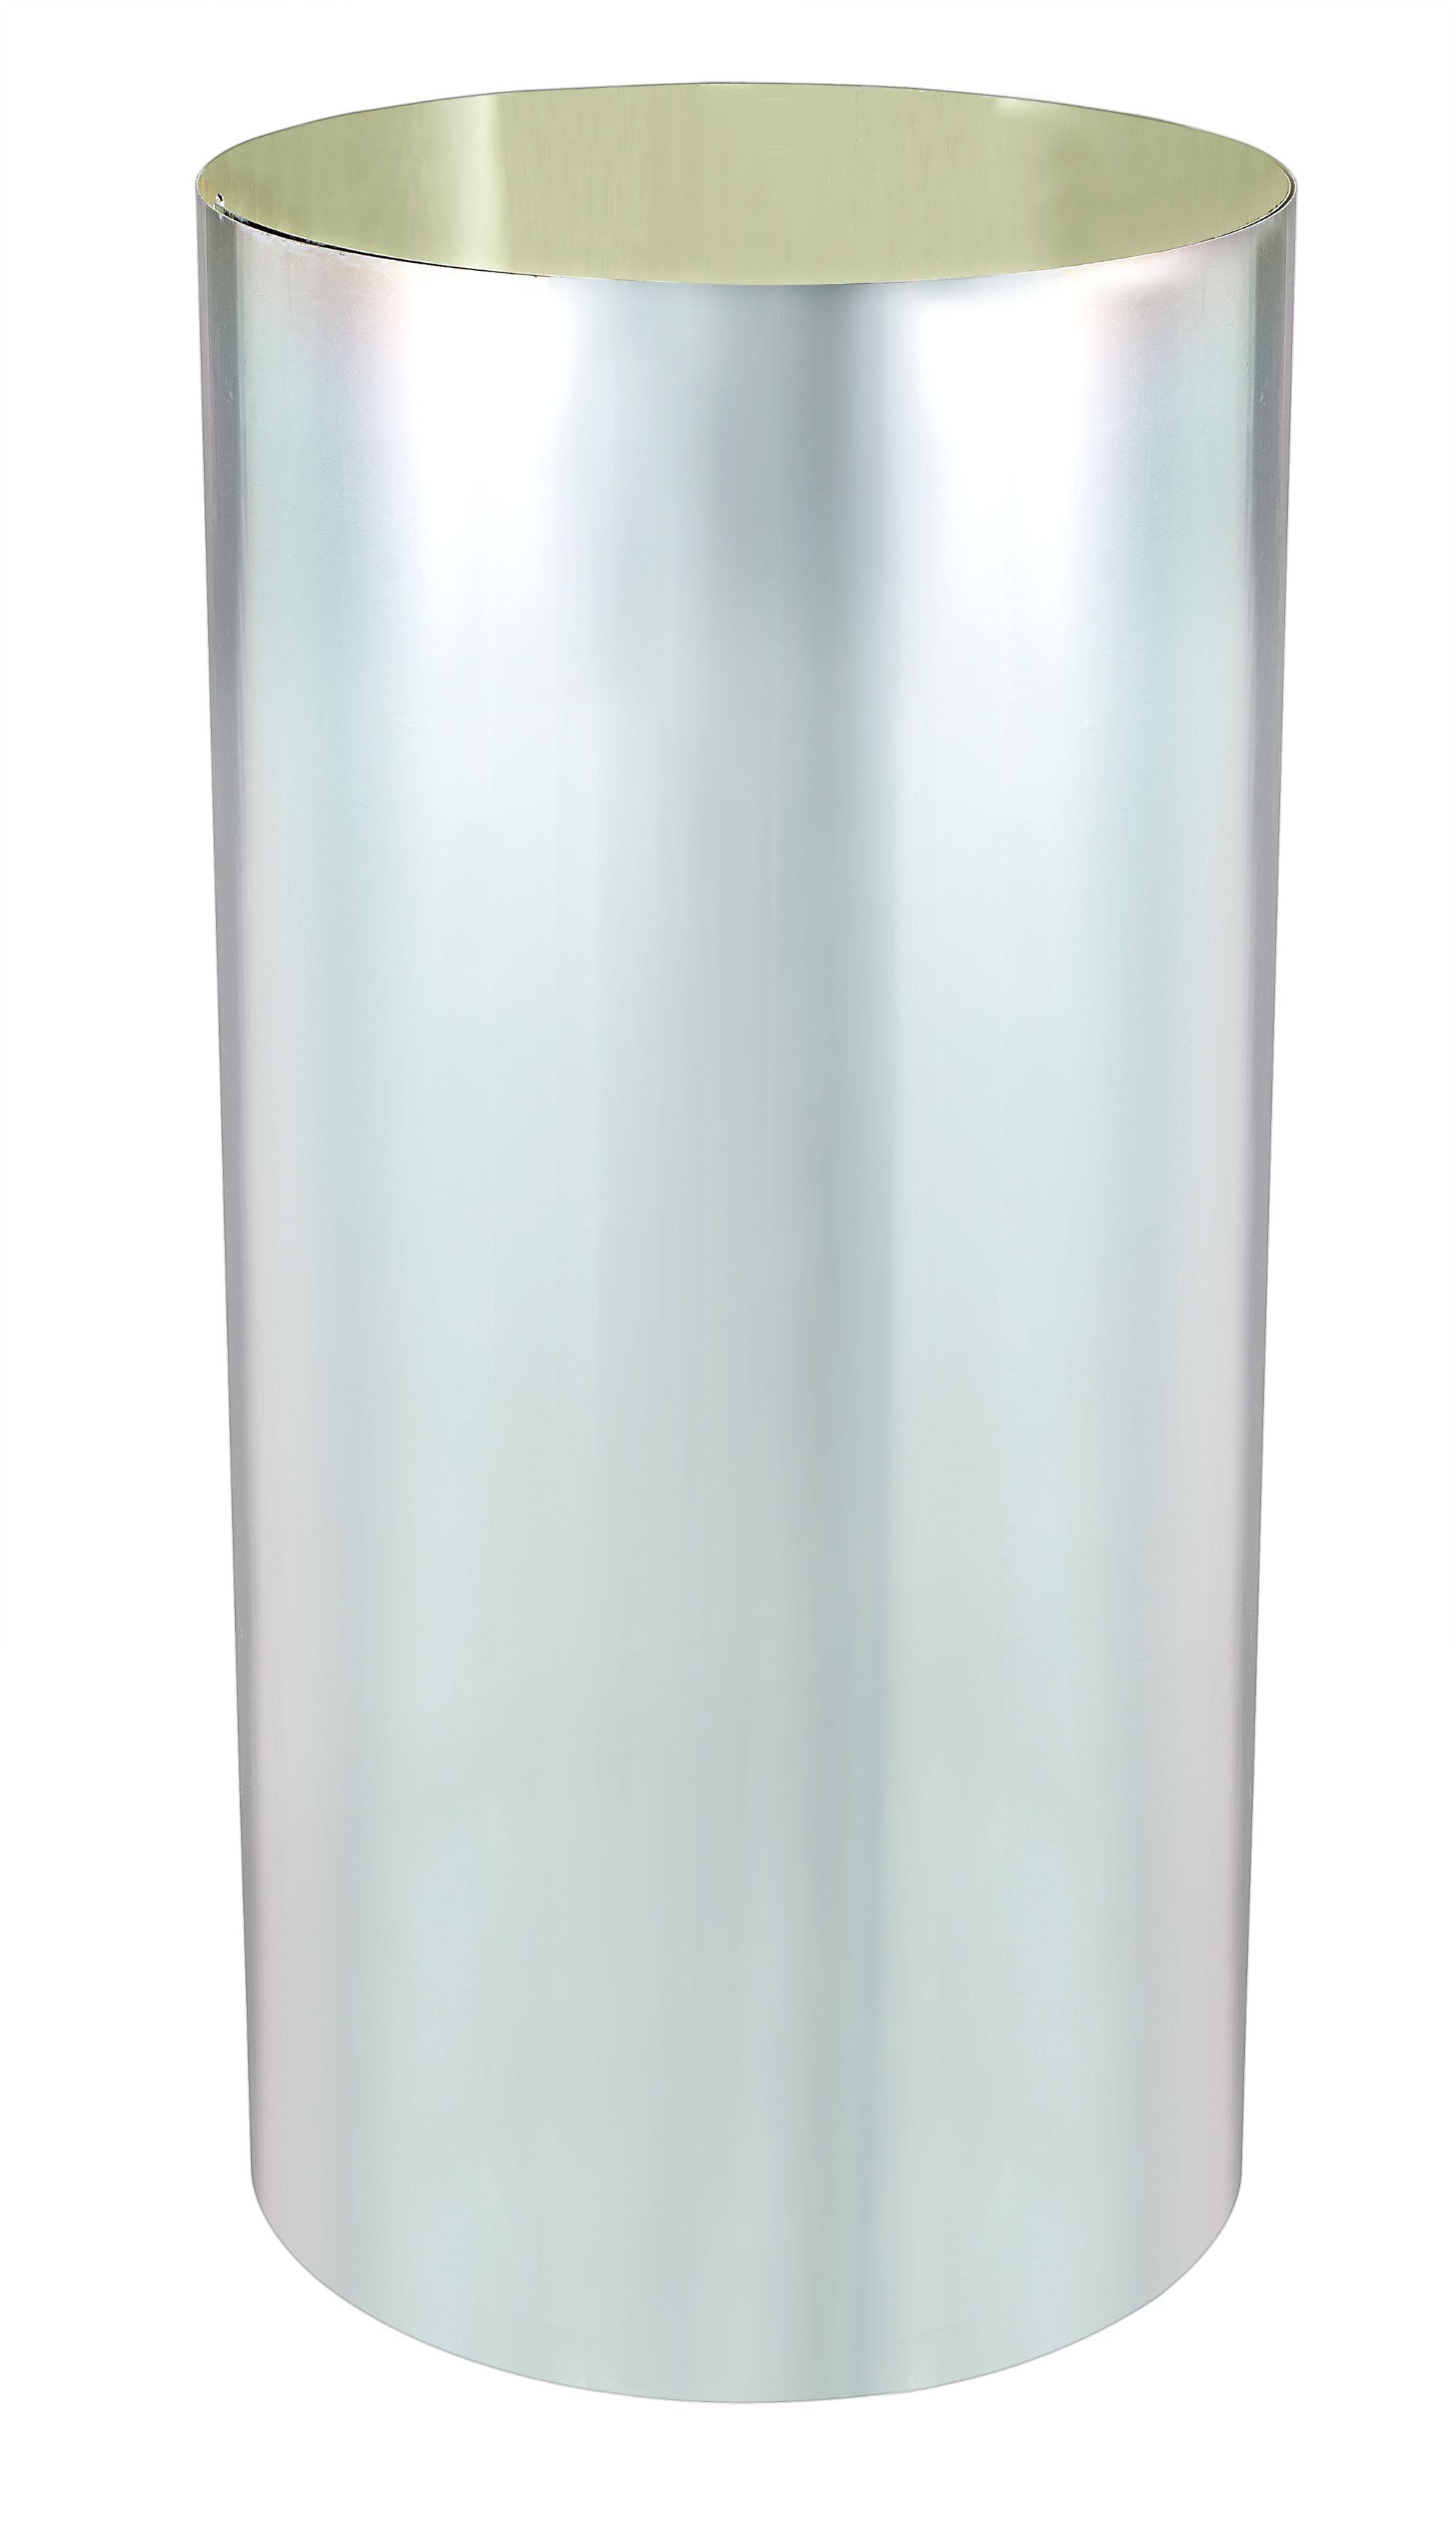 光导管-导光管采光系统